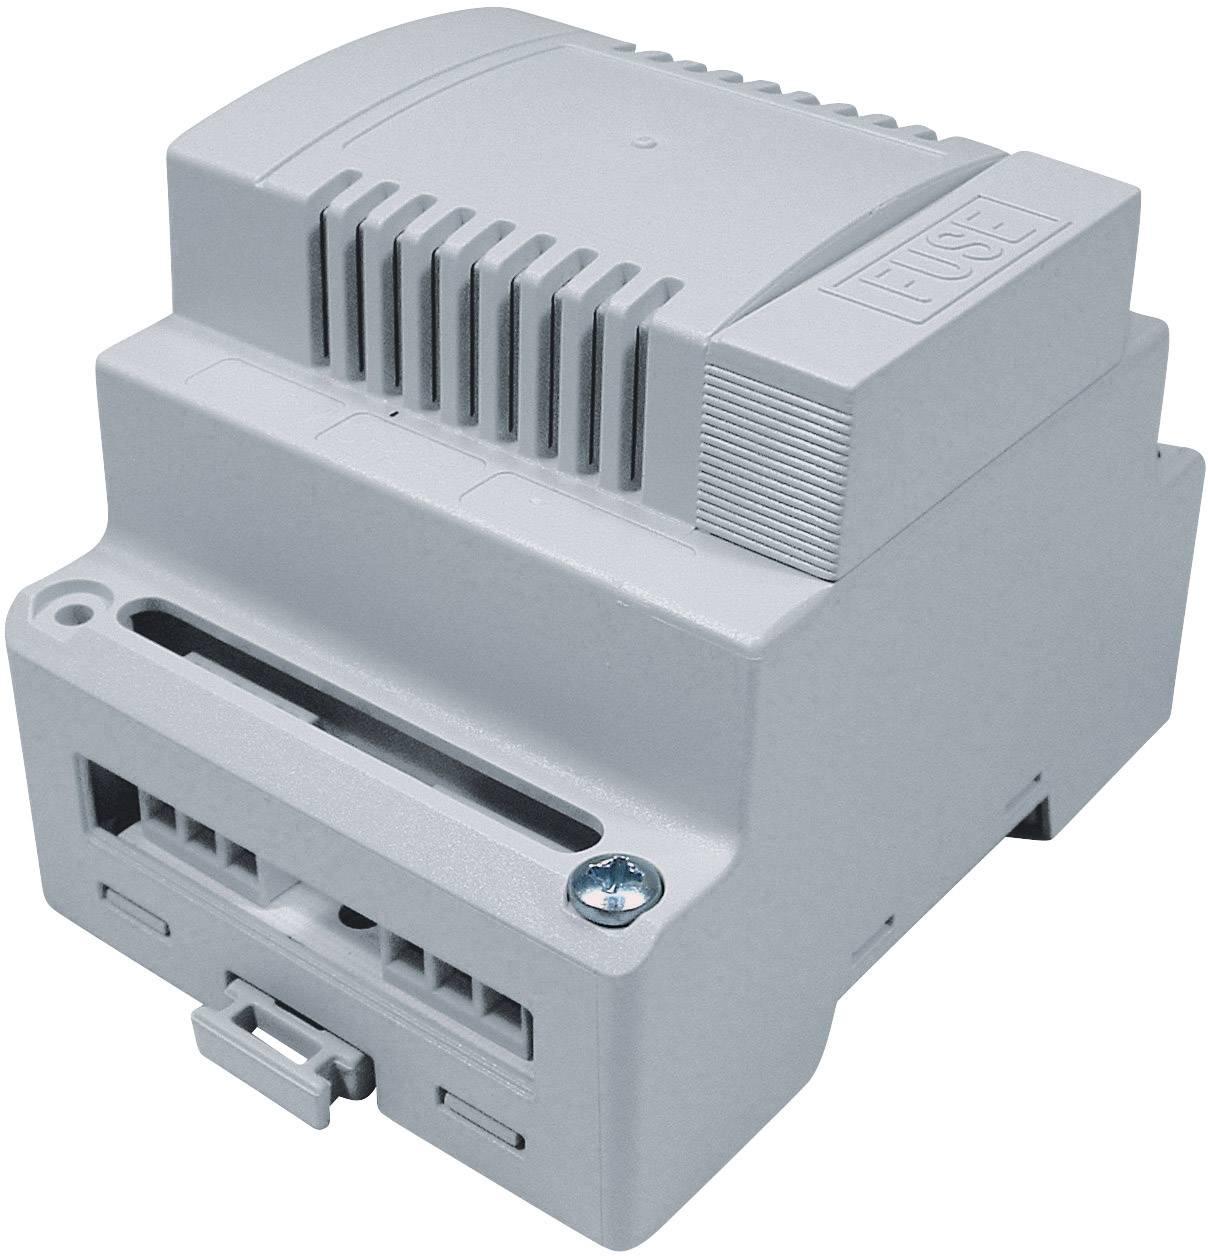 Sieťový zdroj na montážnu lištu (DIN lištu) Comatec TBD2 012 24 F4, 24 V/AC, 0.5 A, 12 W